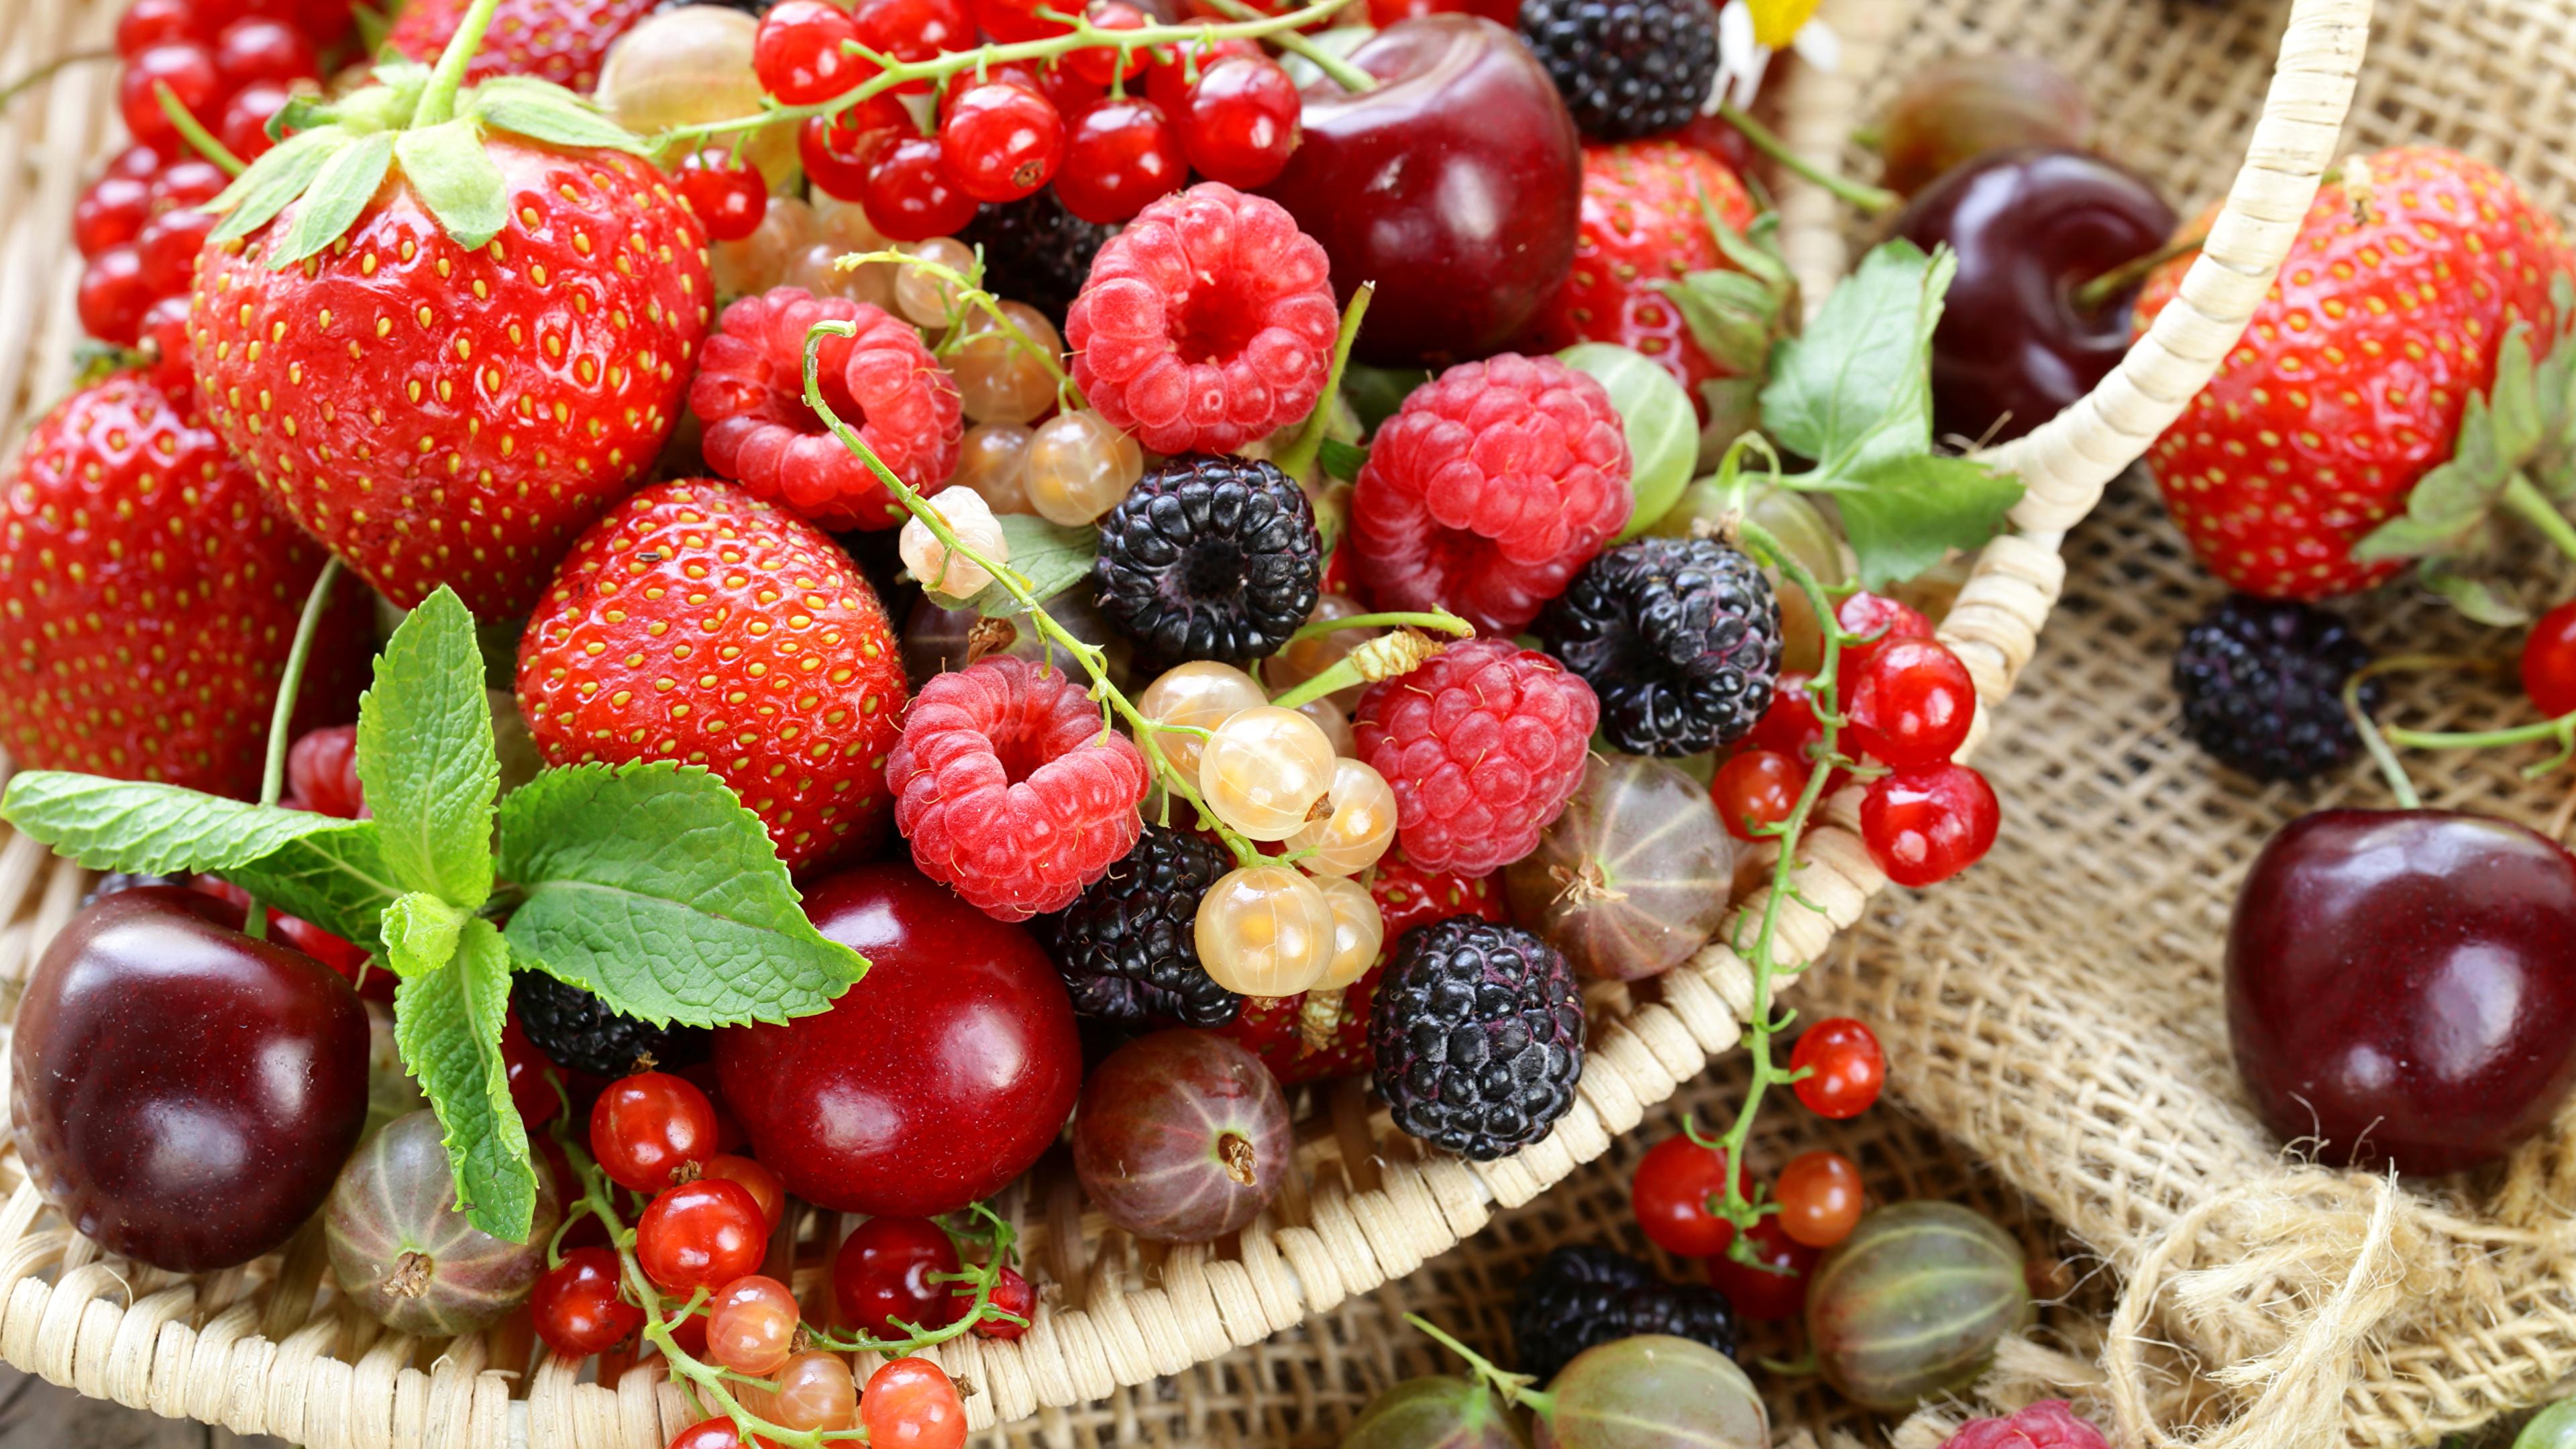 ежевика малина клубника ягоды BlackBerry raspberry strawberry berries анонимно